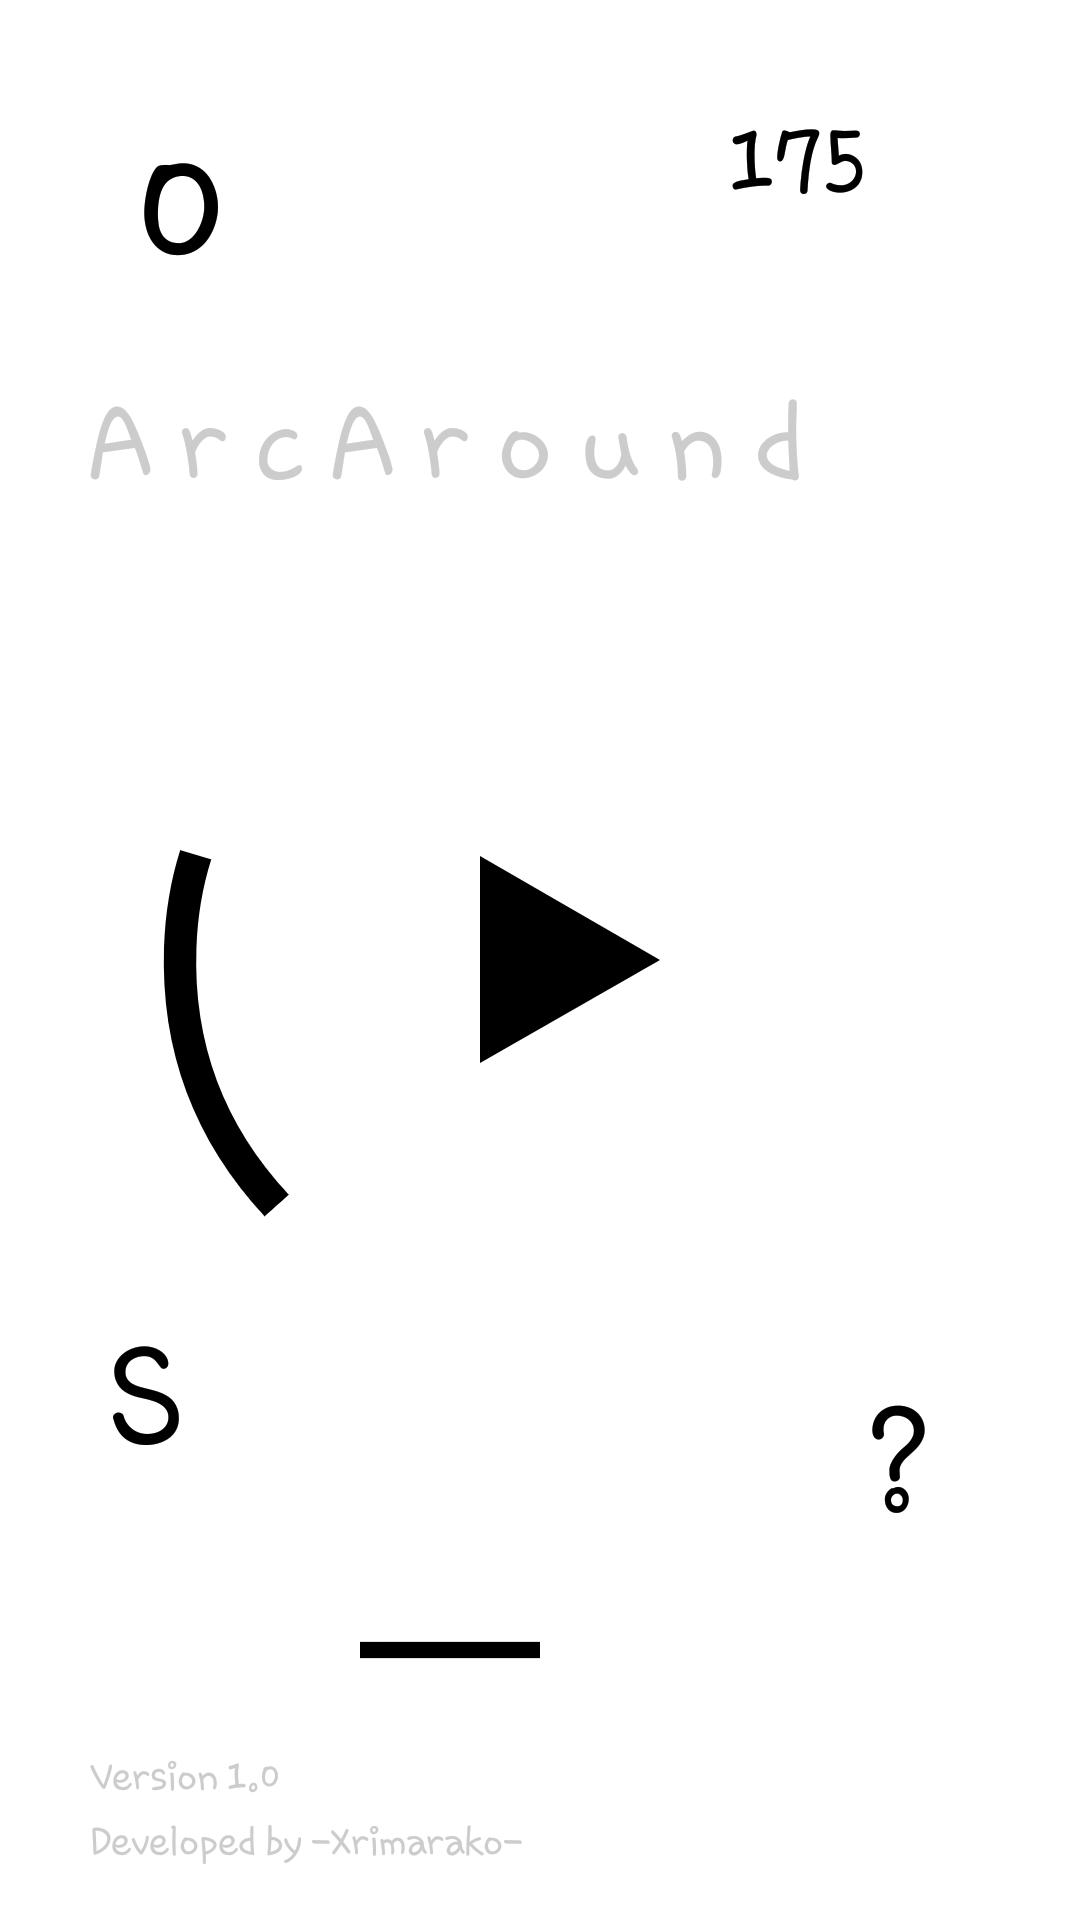 ArcAround